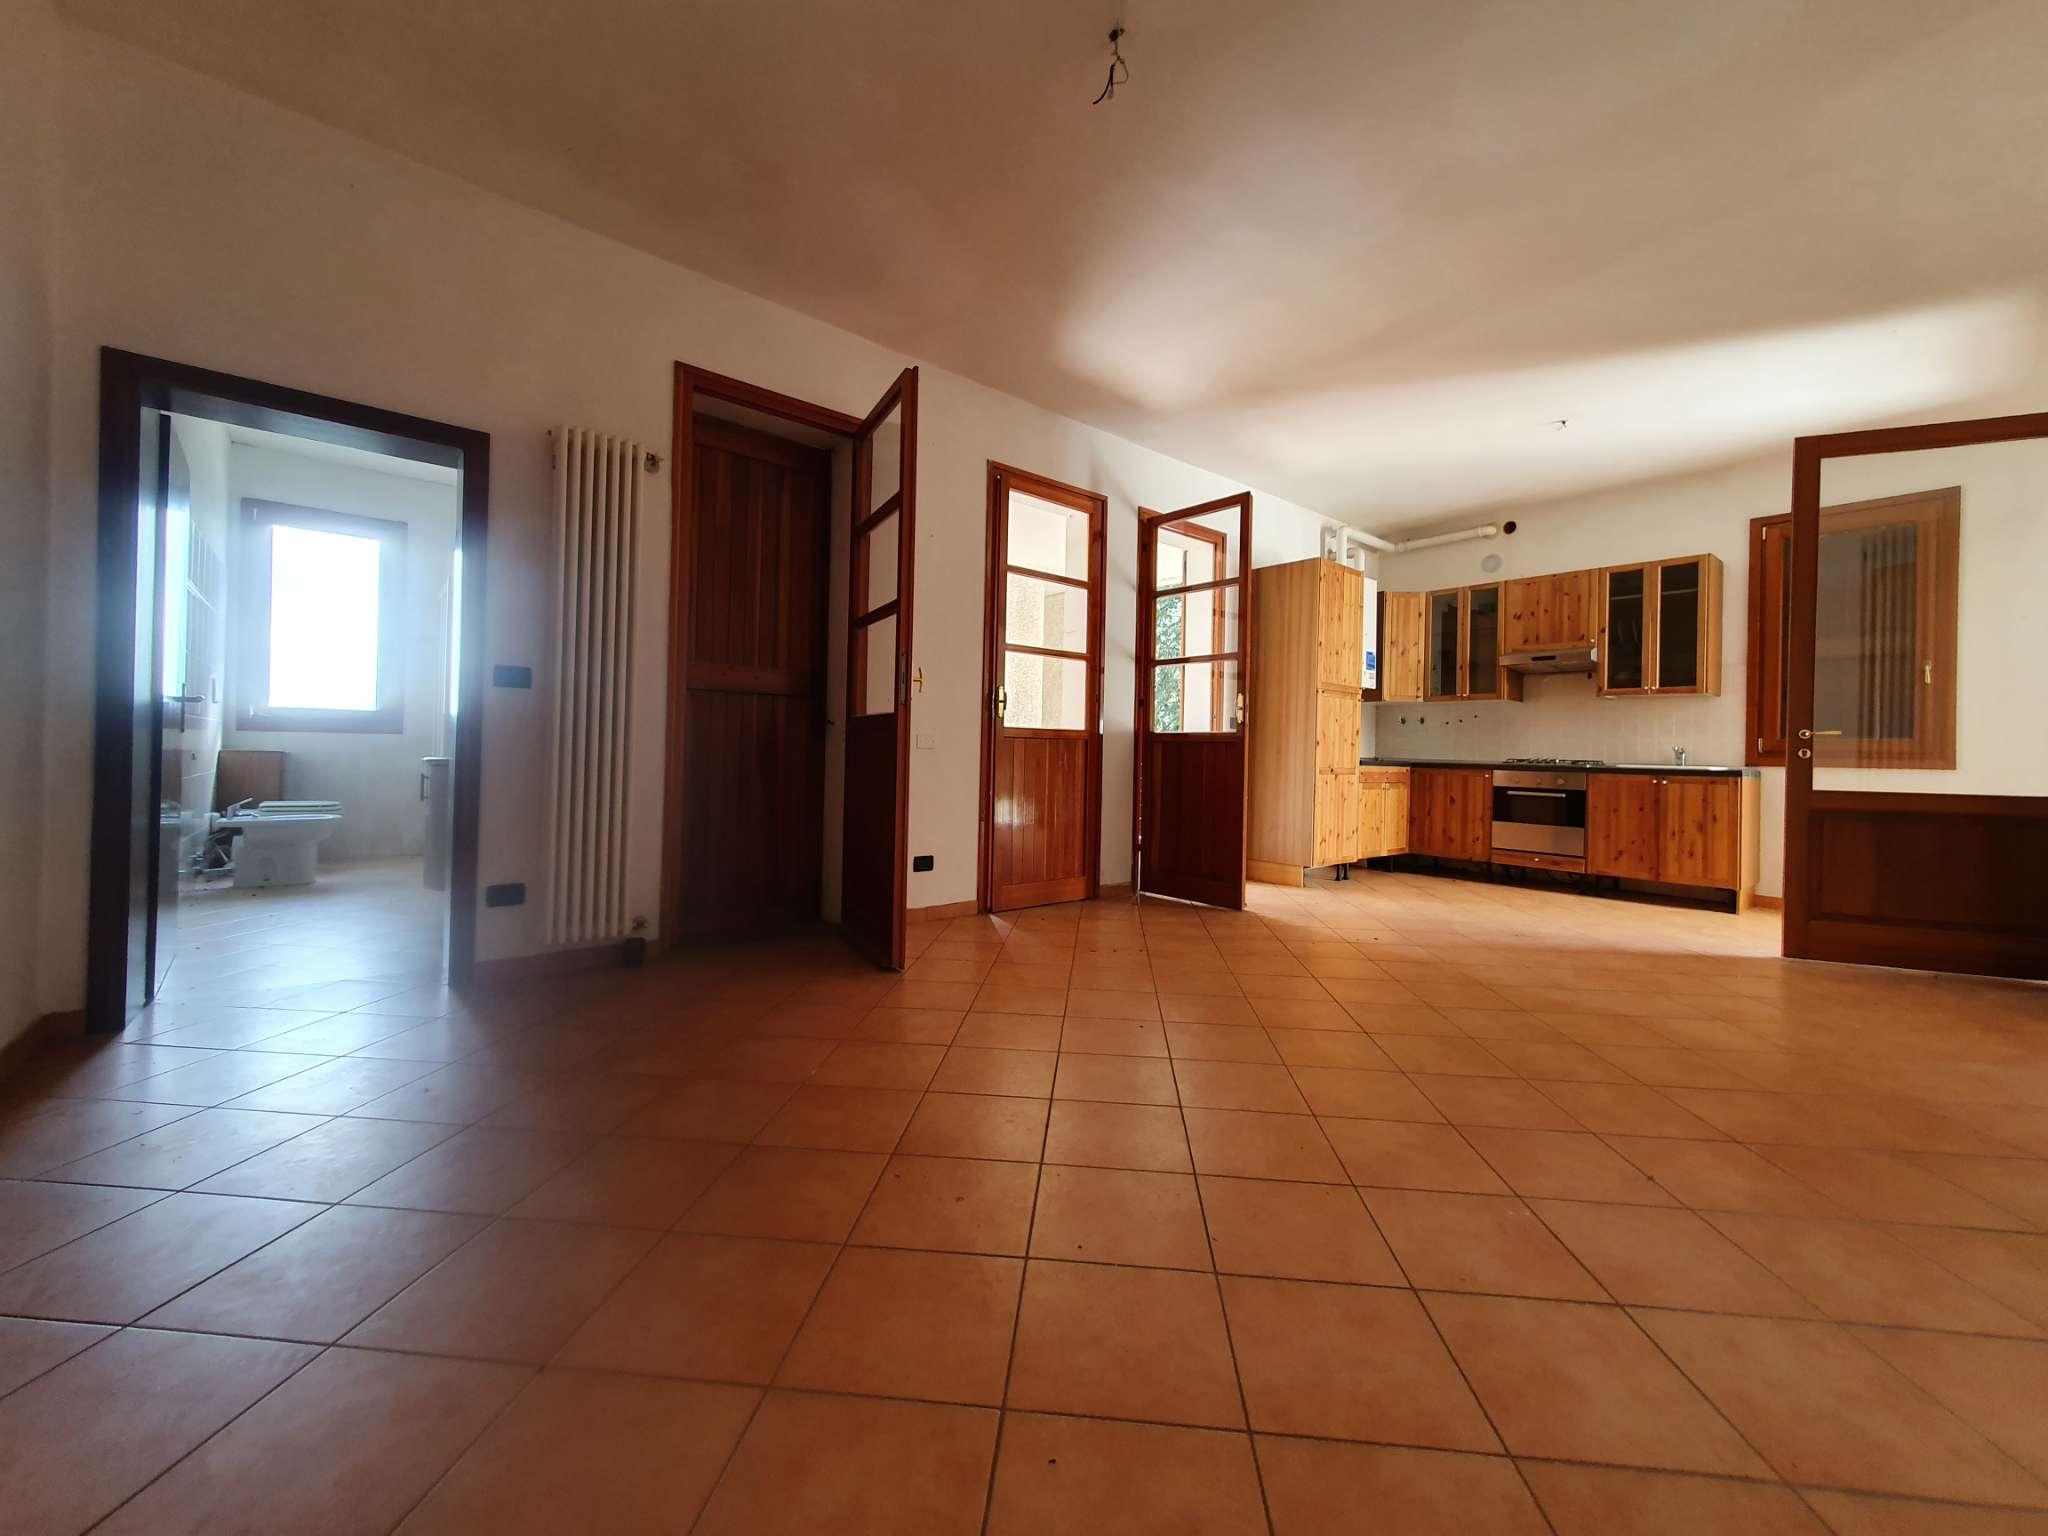 Appartamento in vendita a Monzuno, 1 locali, prezzo € 48.000 | PortaleAgenzieImmobiliari.it